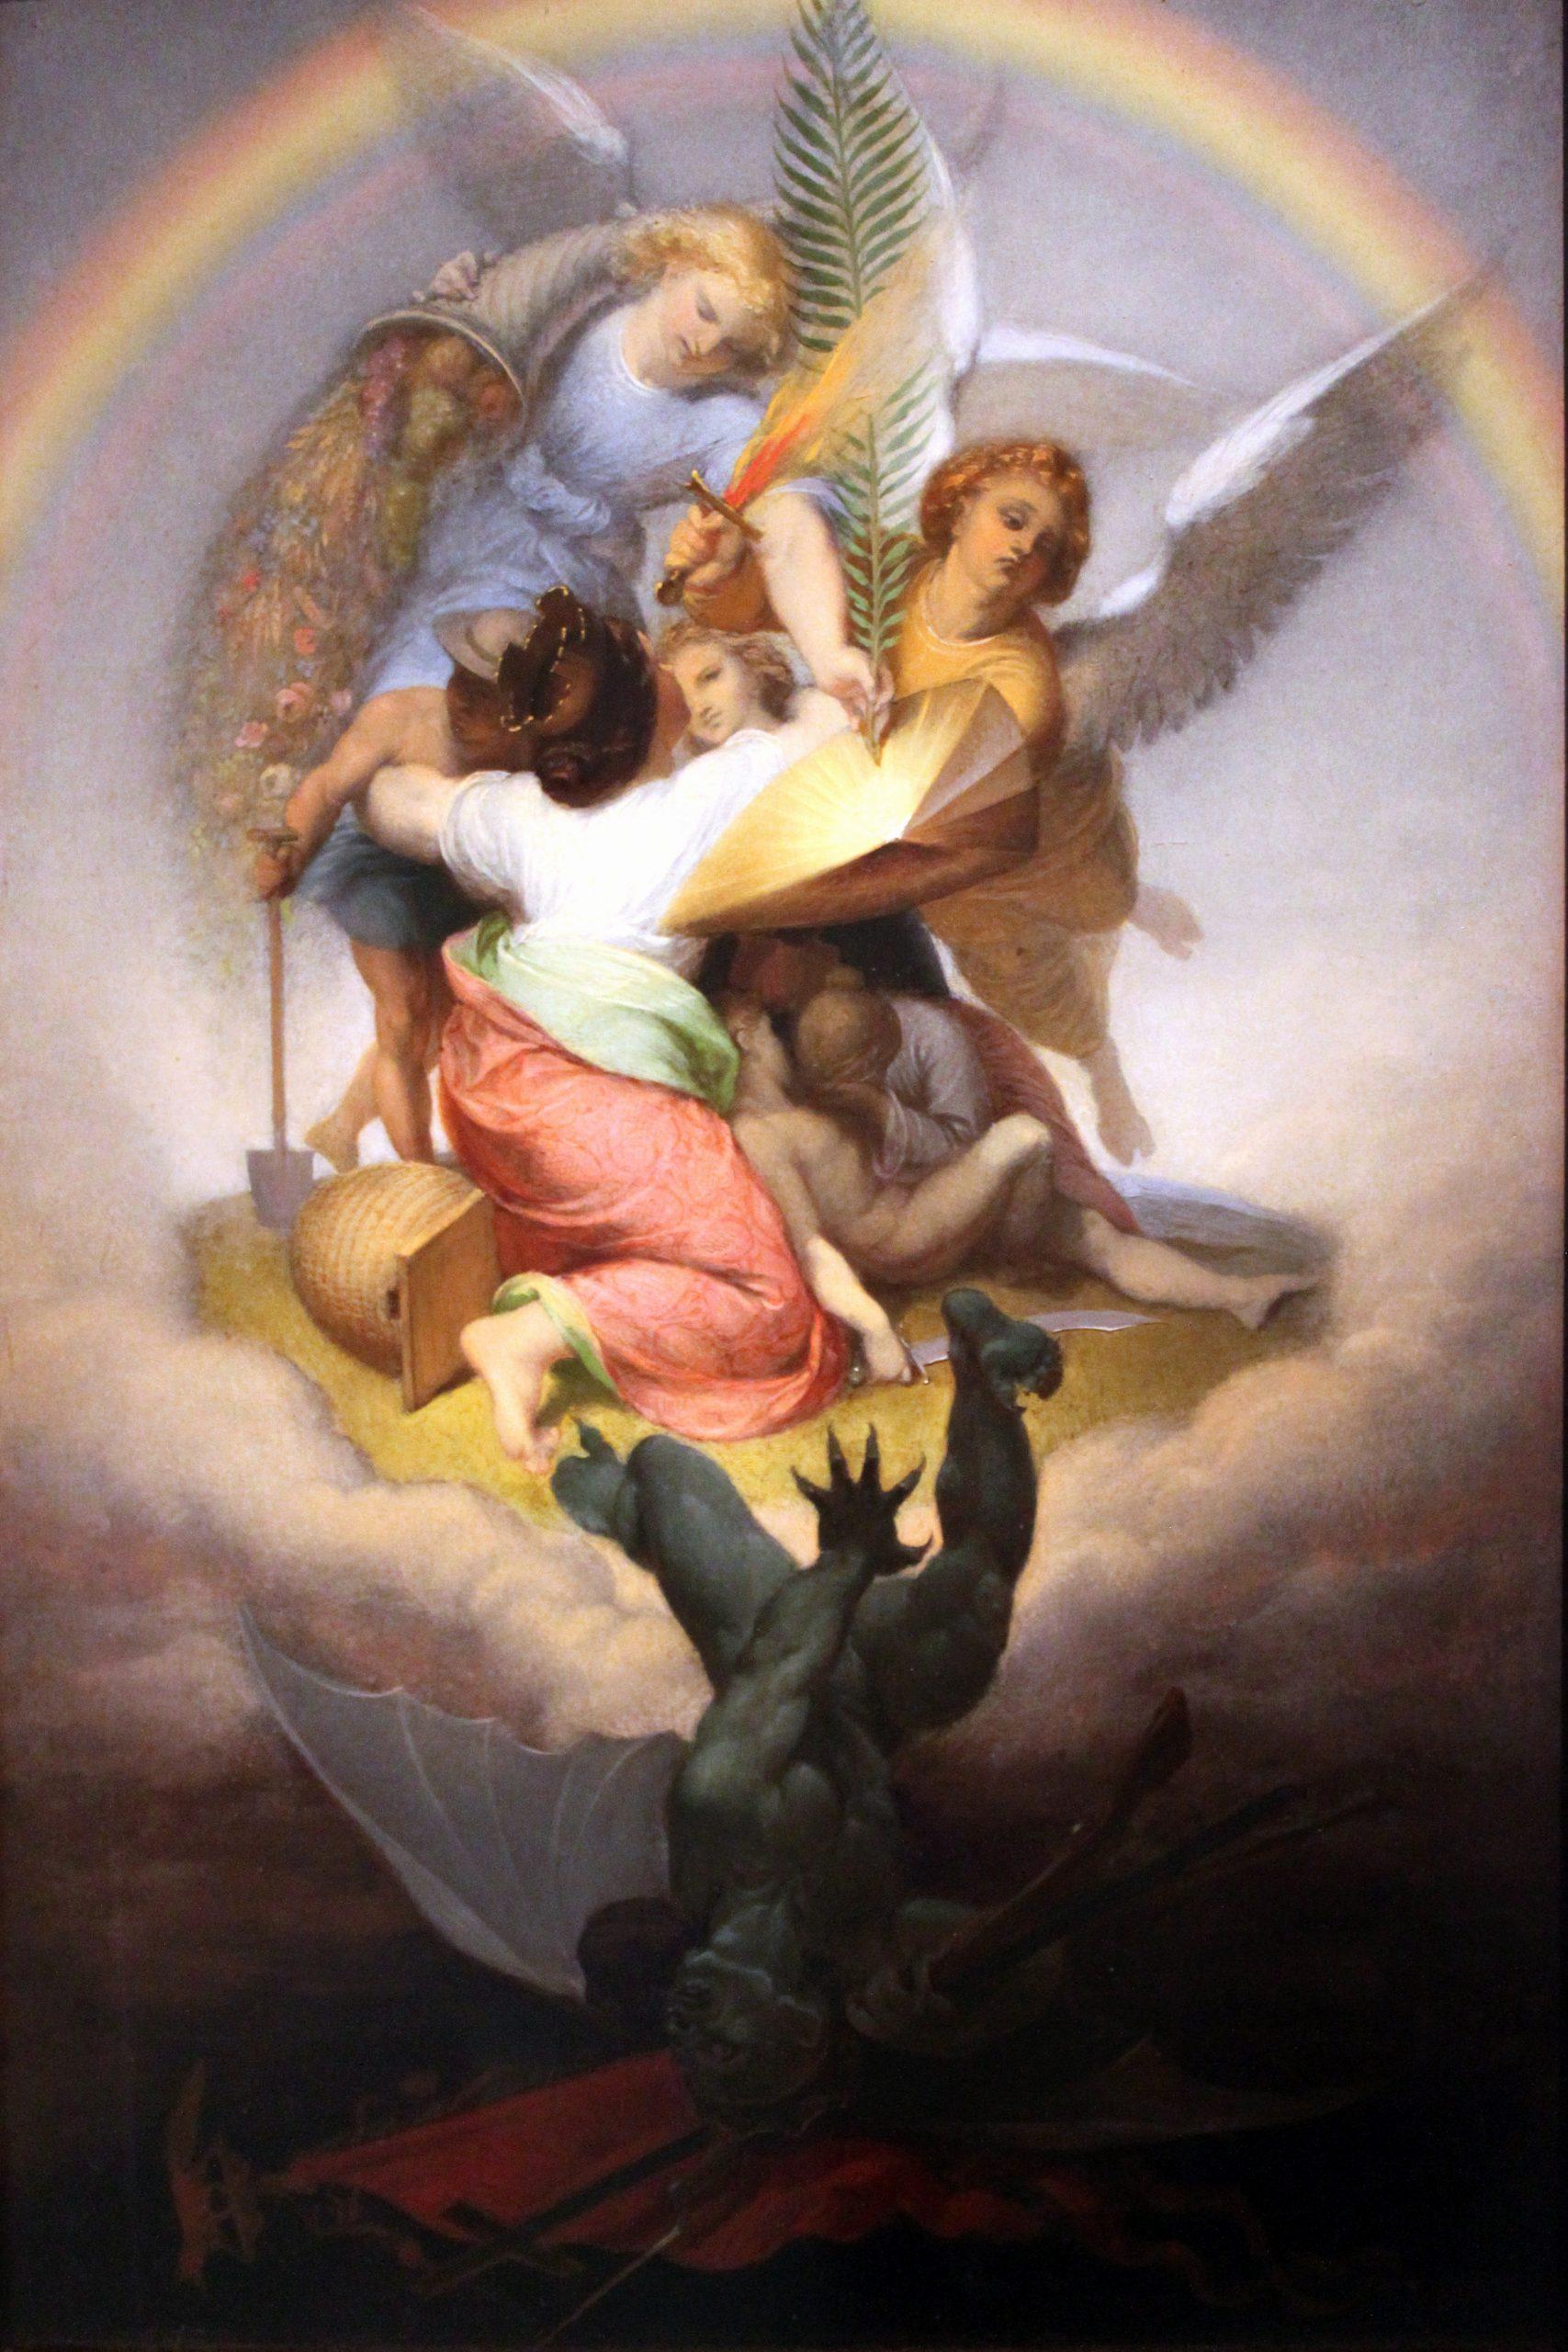 Engel Bilder Kostenlos Herunterladen Luxus Deutsche ganzes Bilder Engel Kostenlos